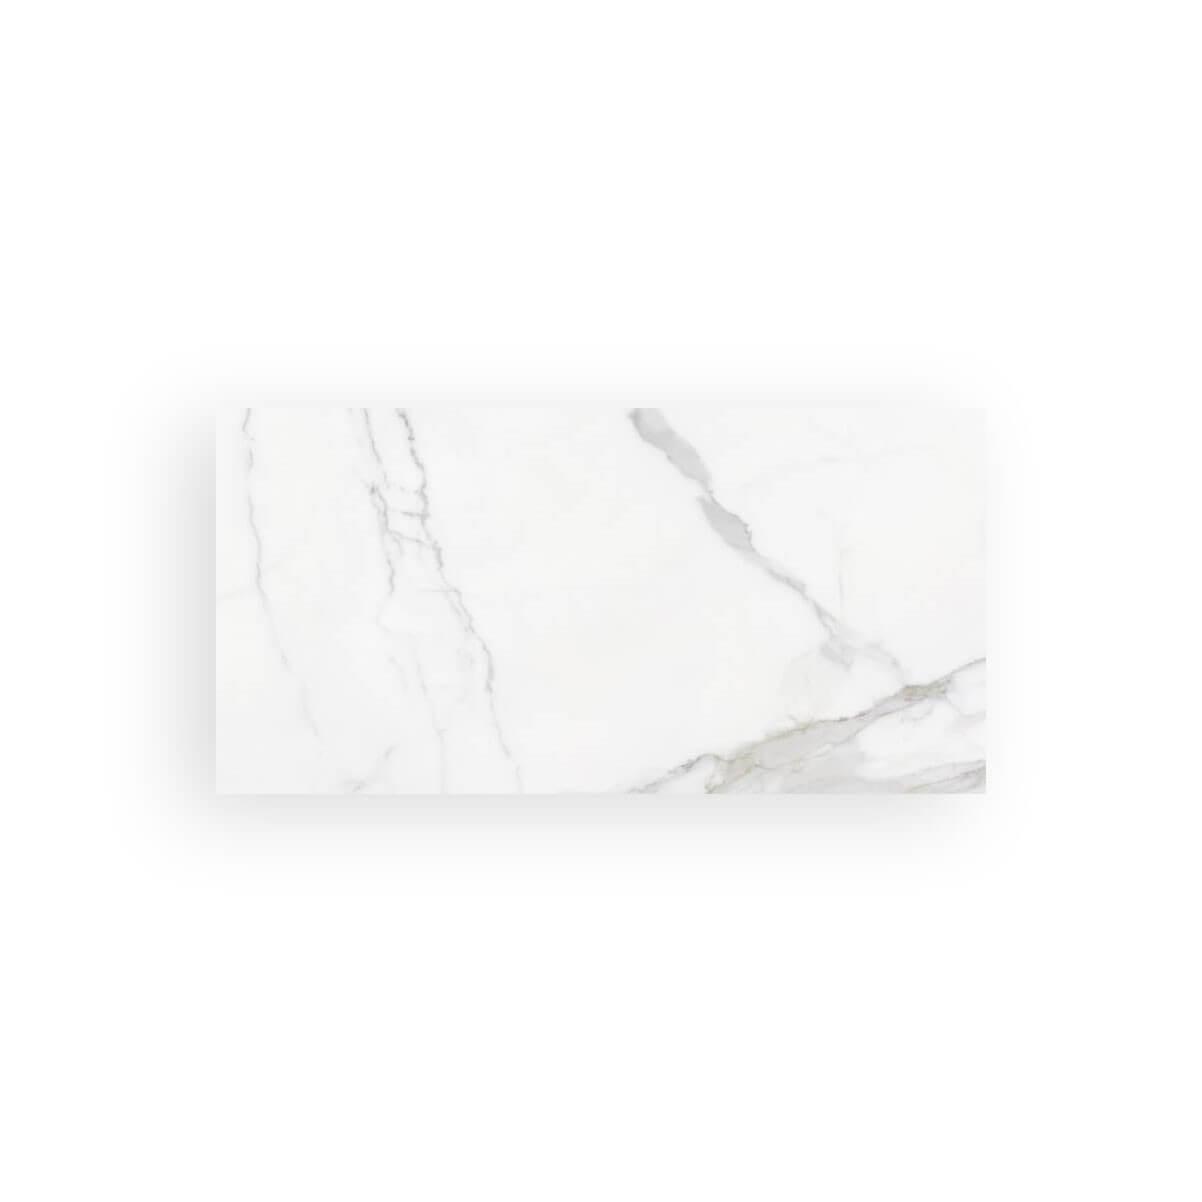 Carrelage sol aspect marbre poli Statuario Brillo 60x120